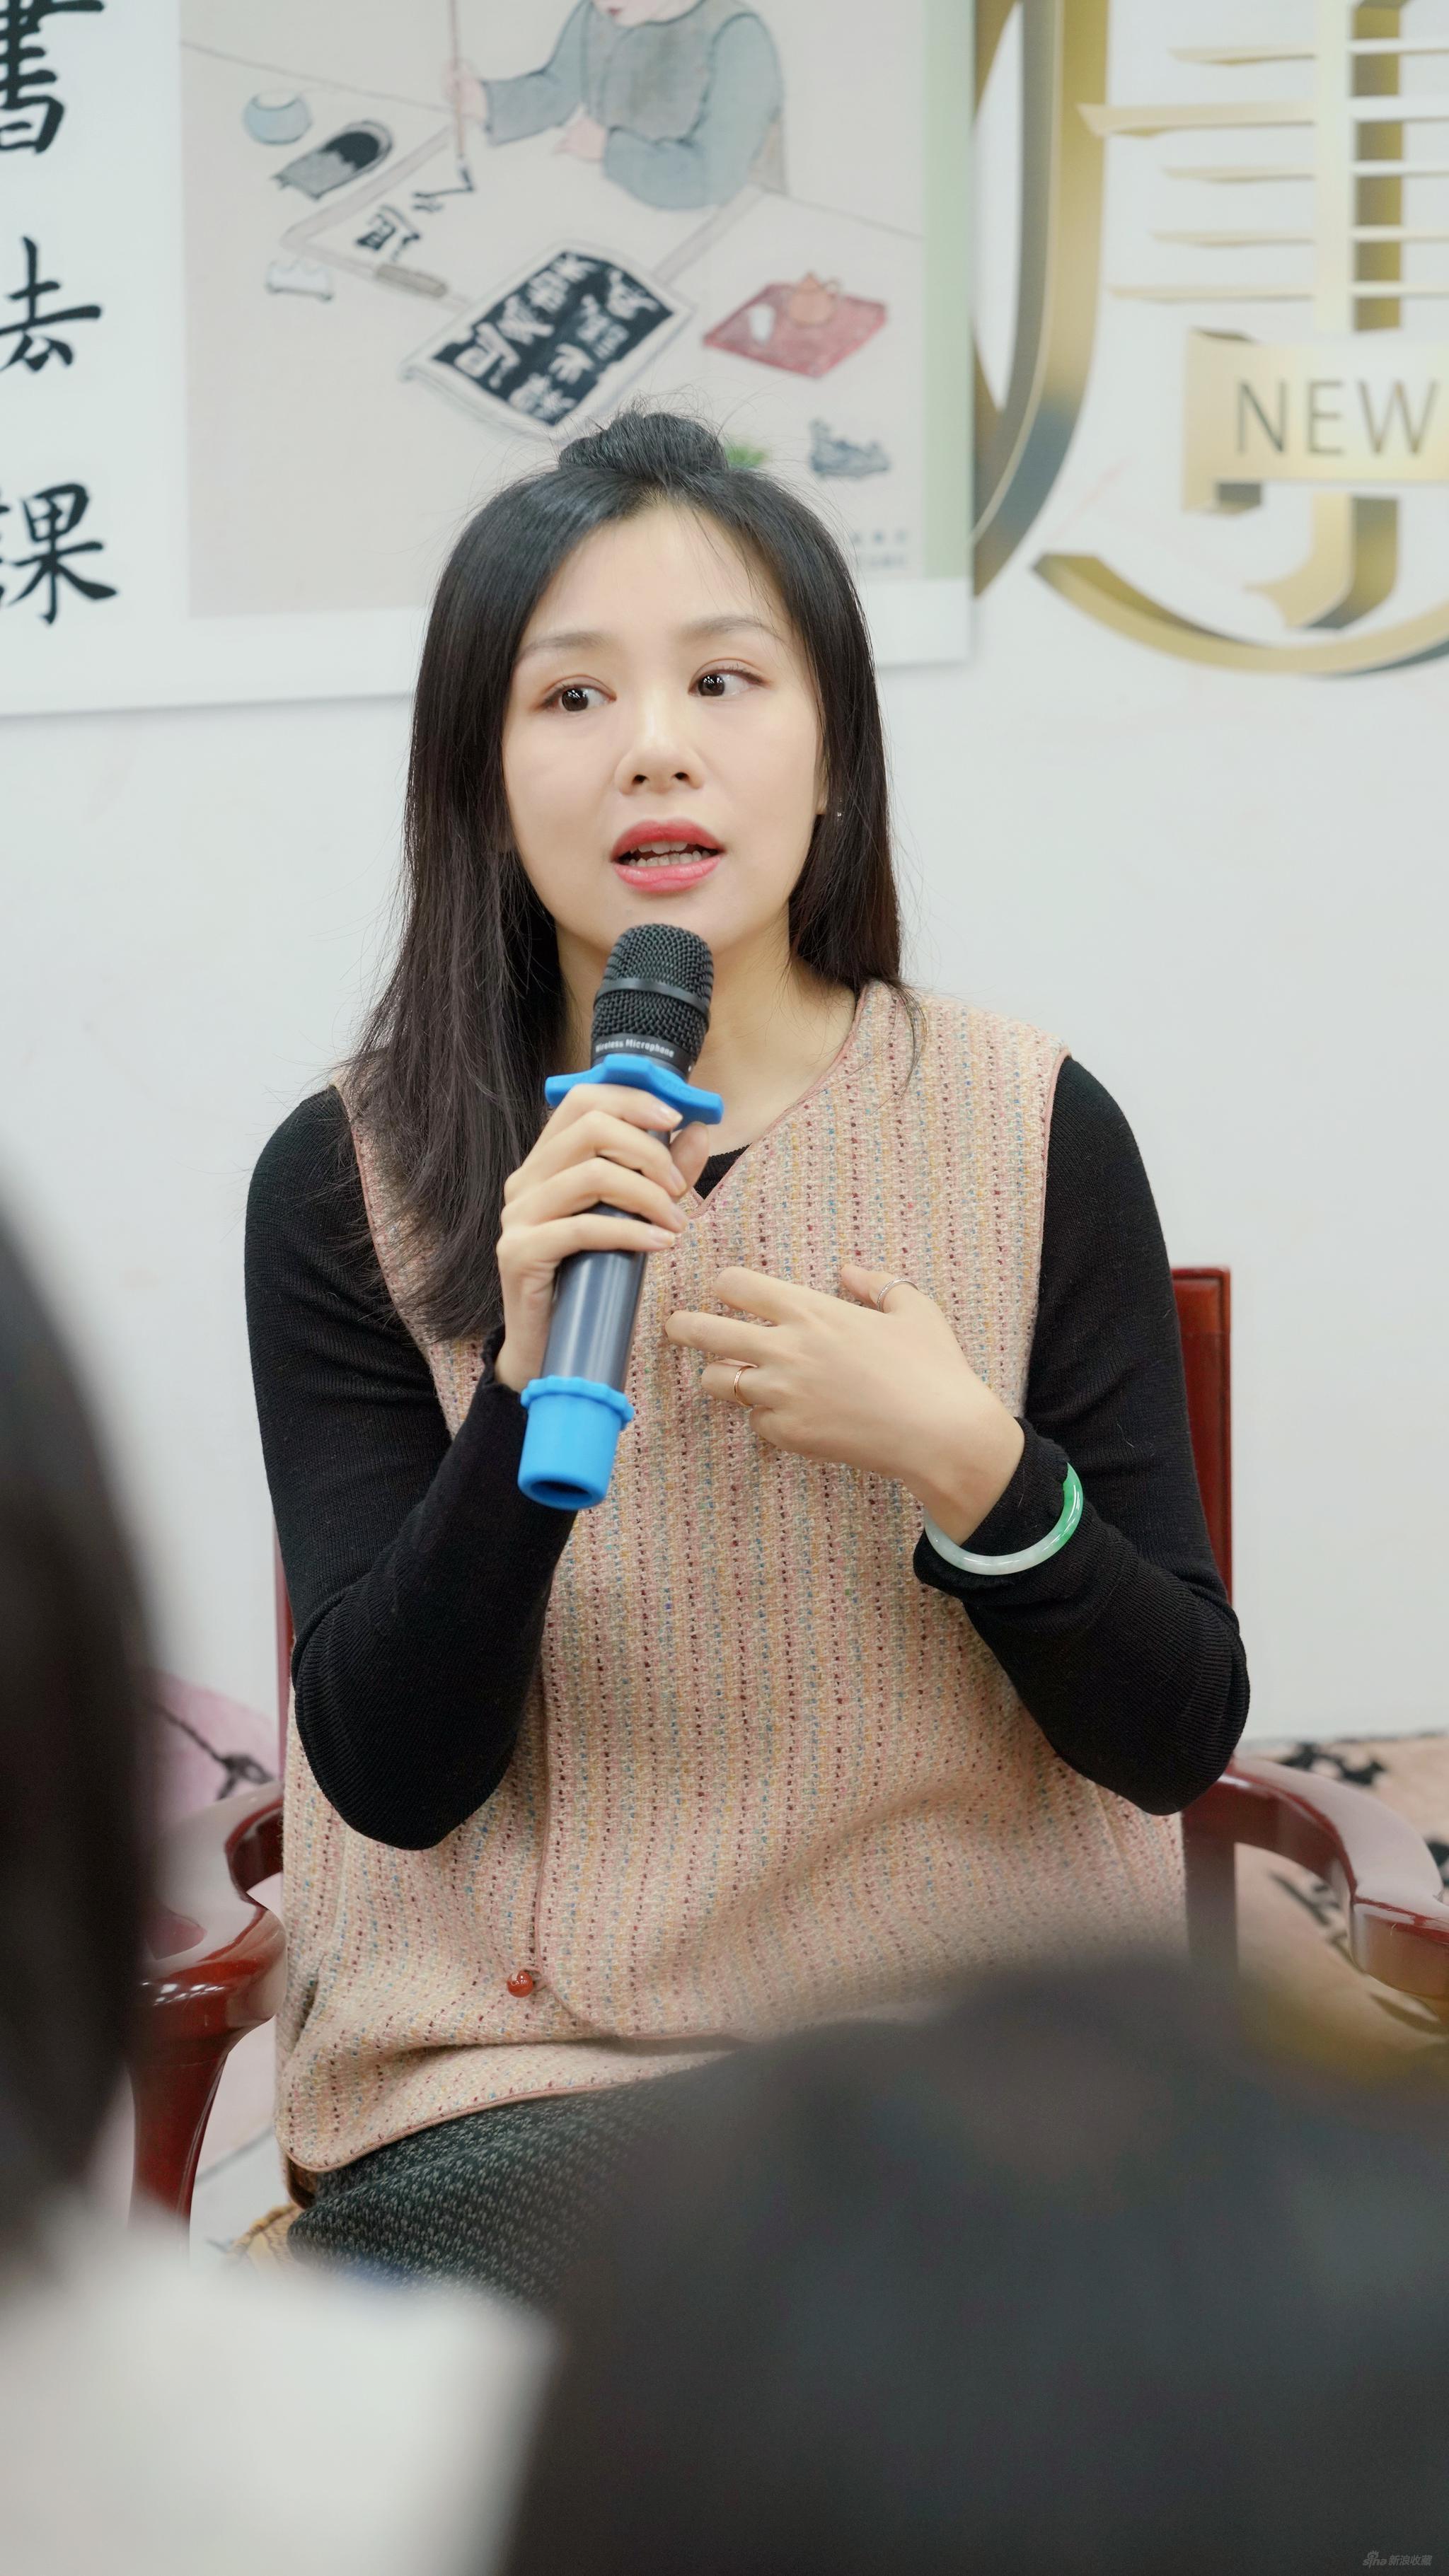 林曦《书法课》上海读者见面会现场